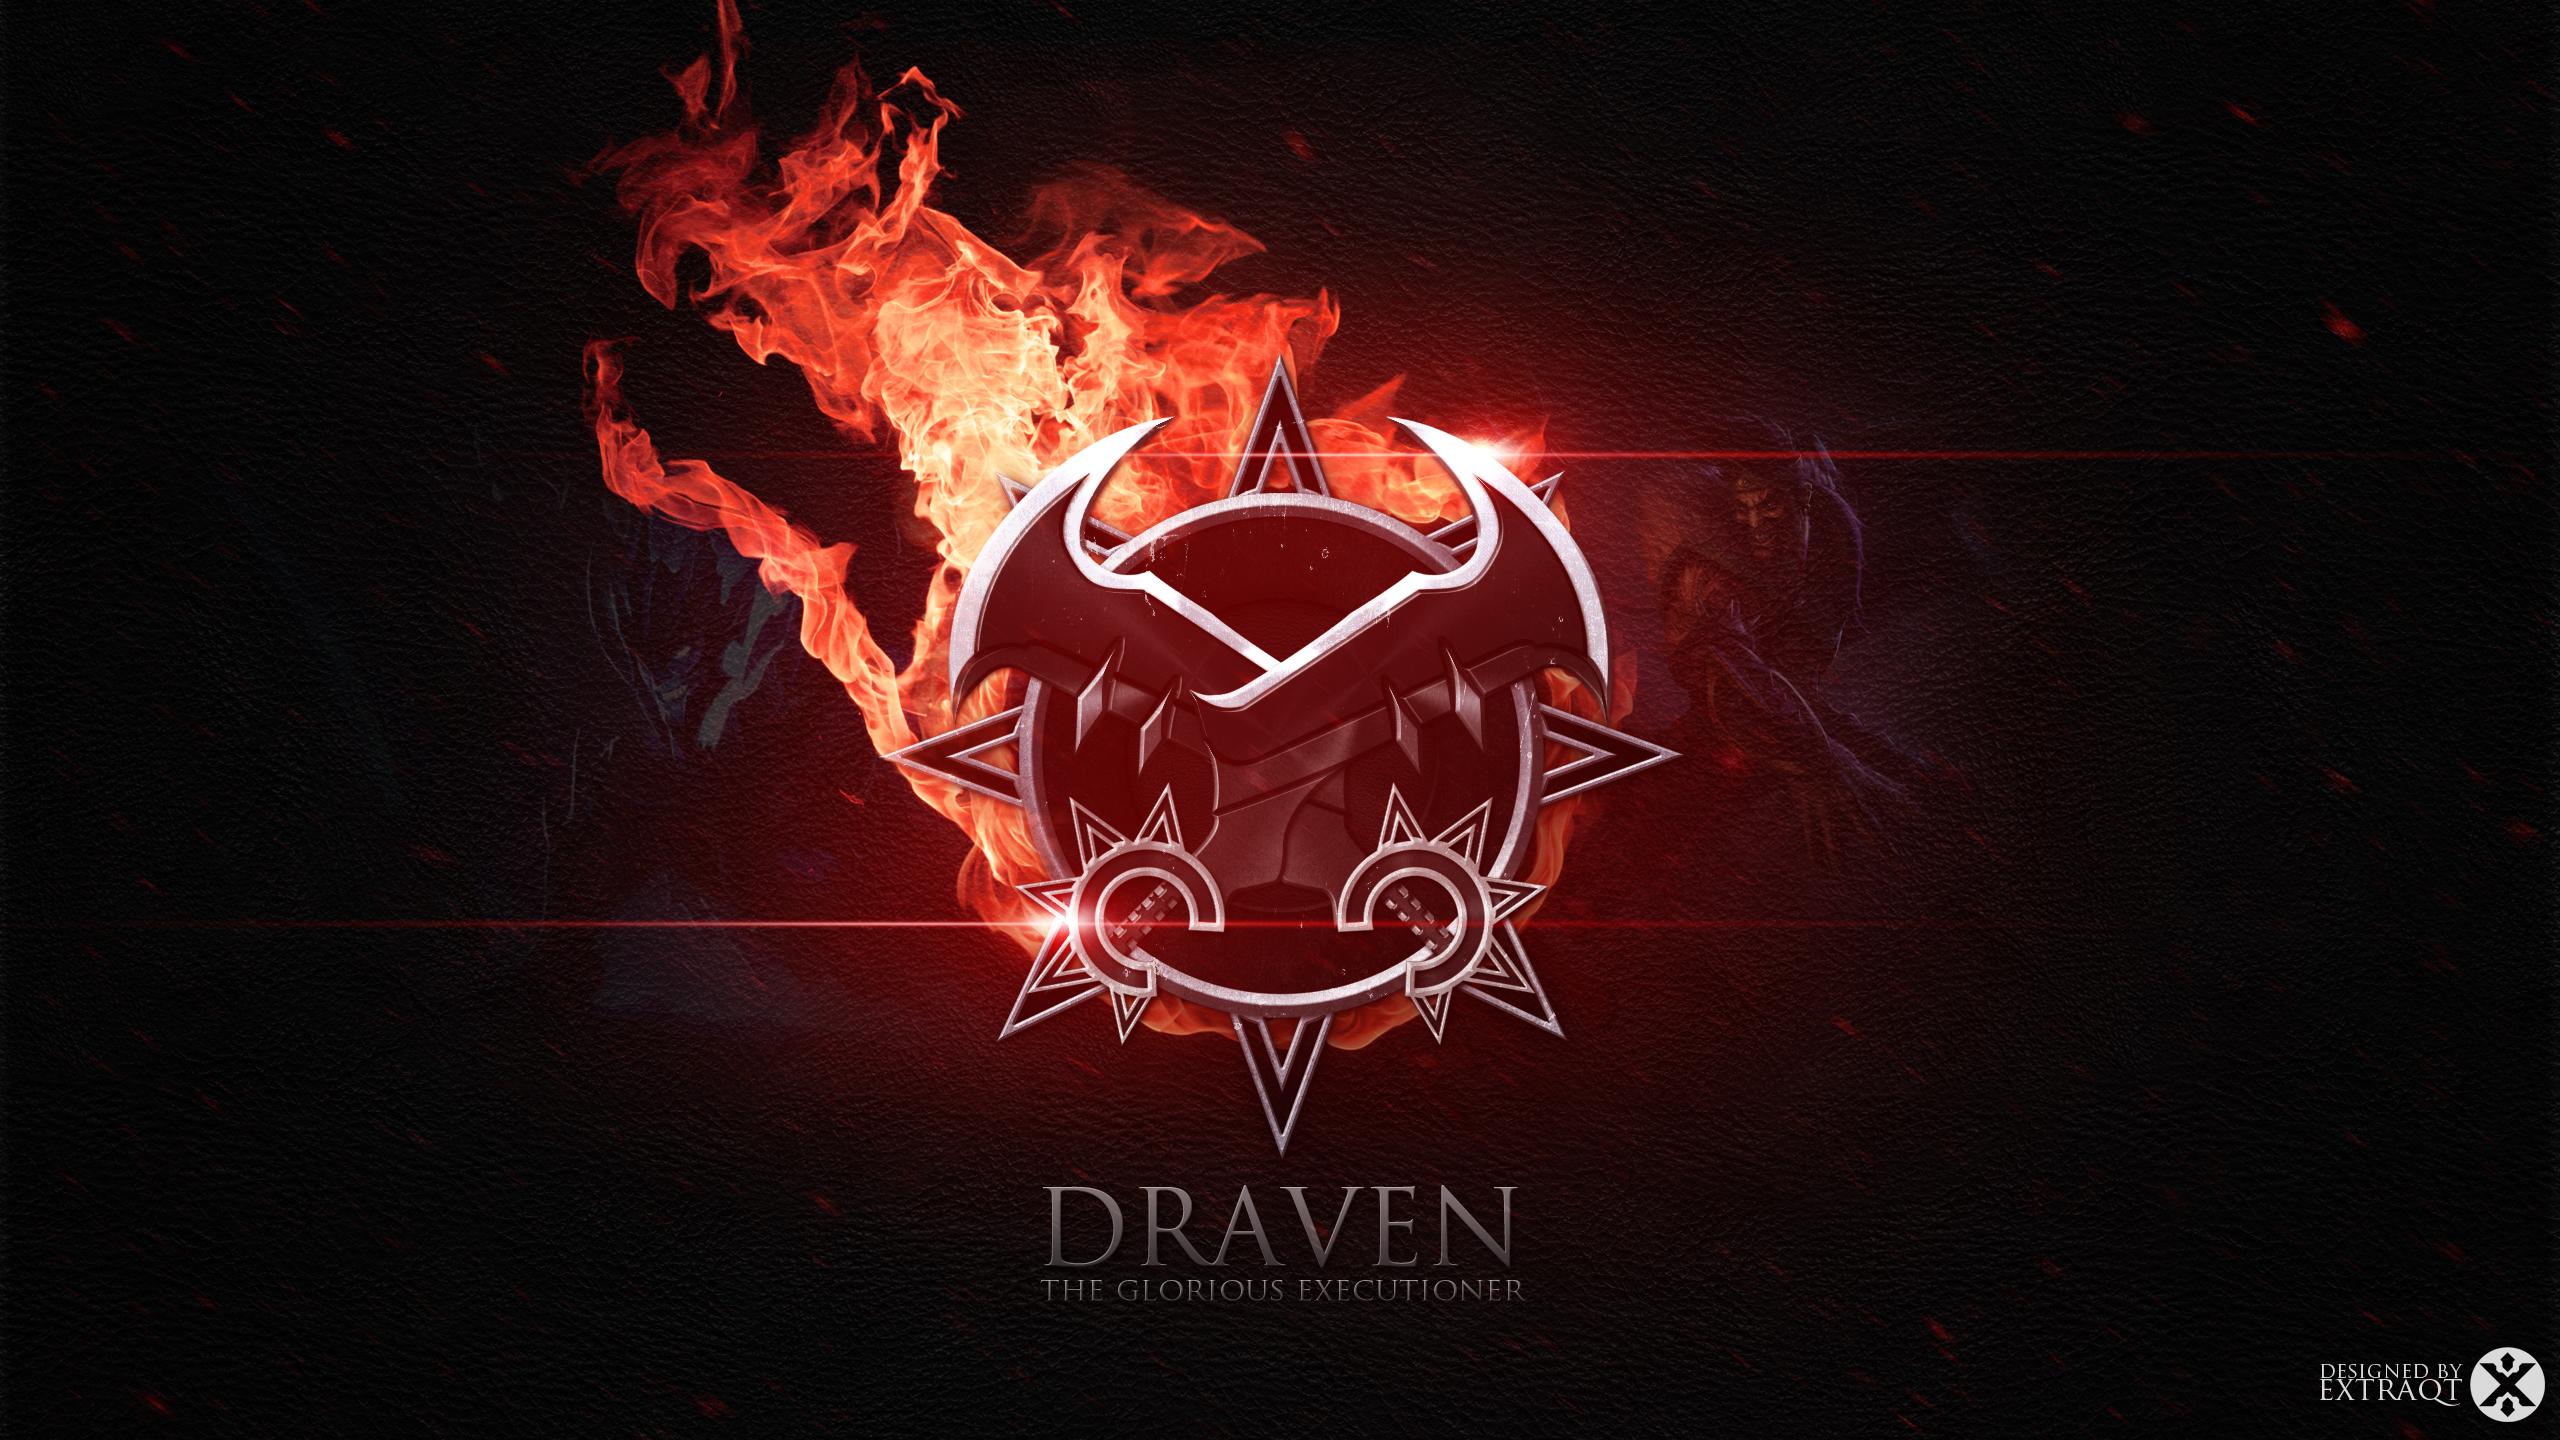 Draven Axe Fan Art - League of Legends Wallpapers